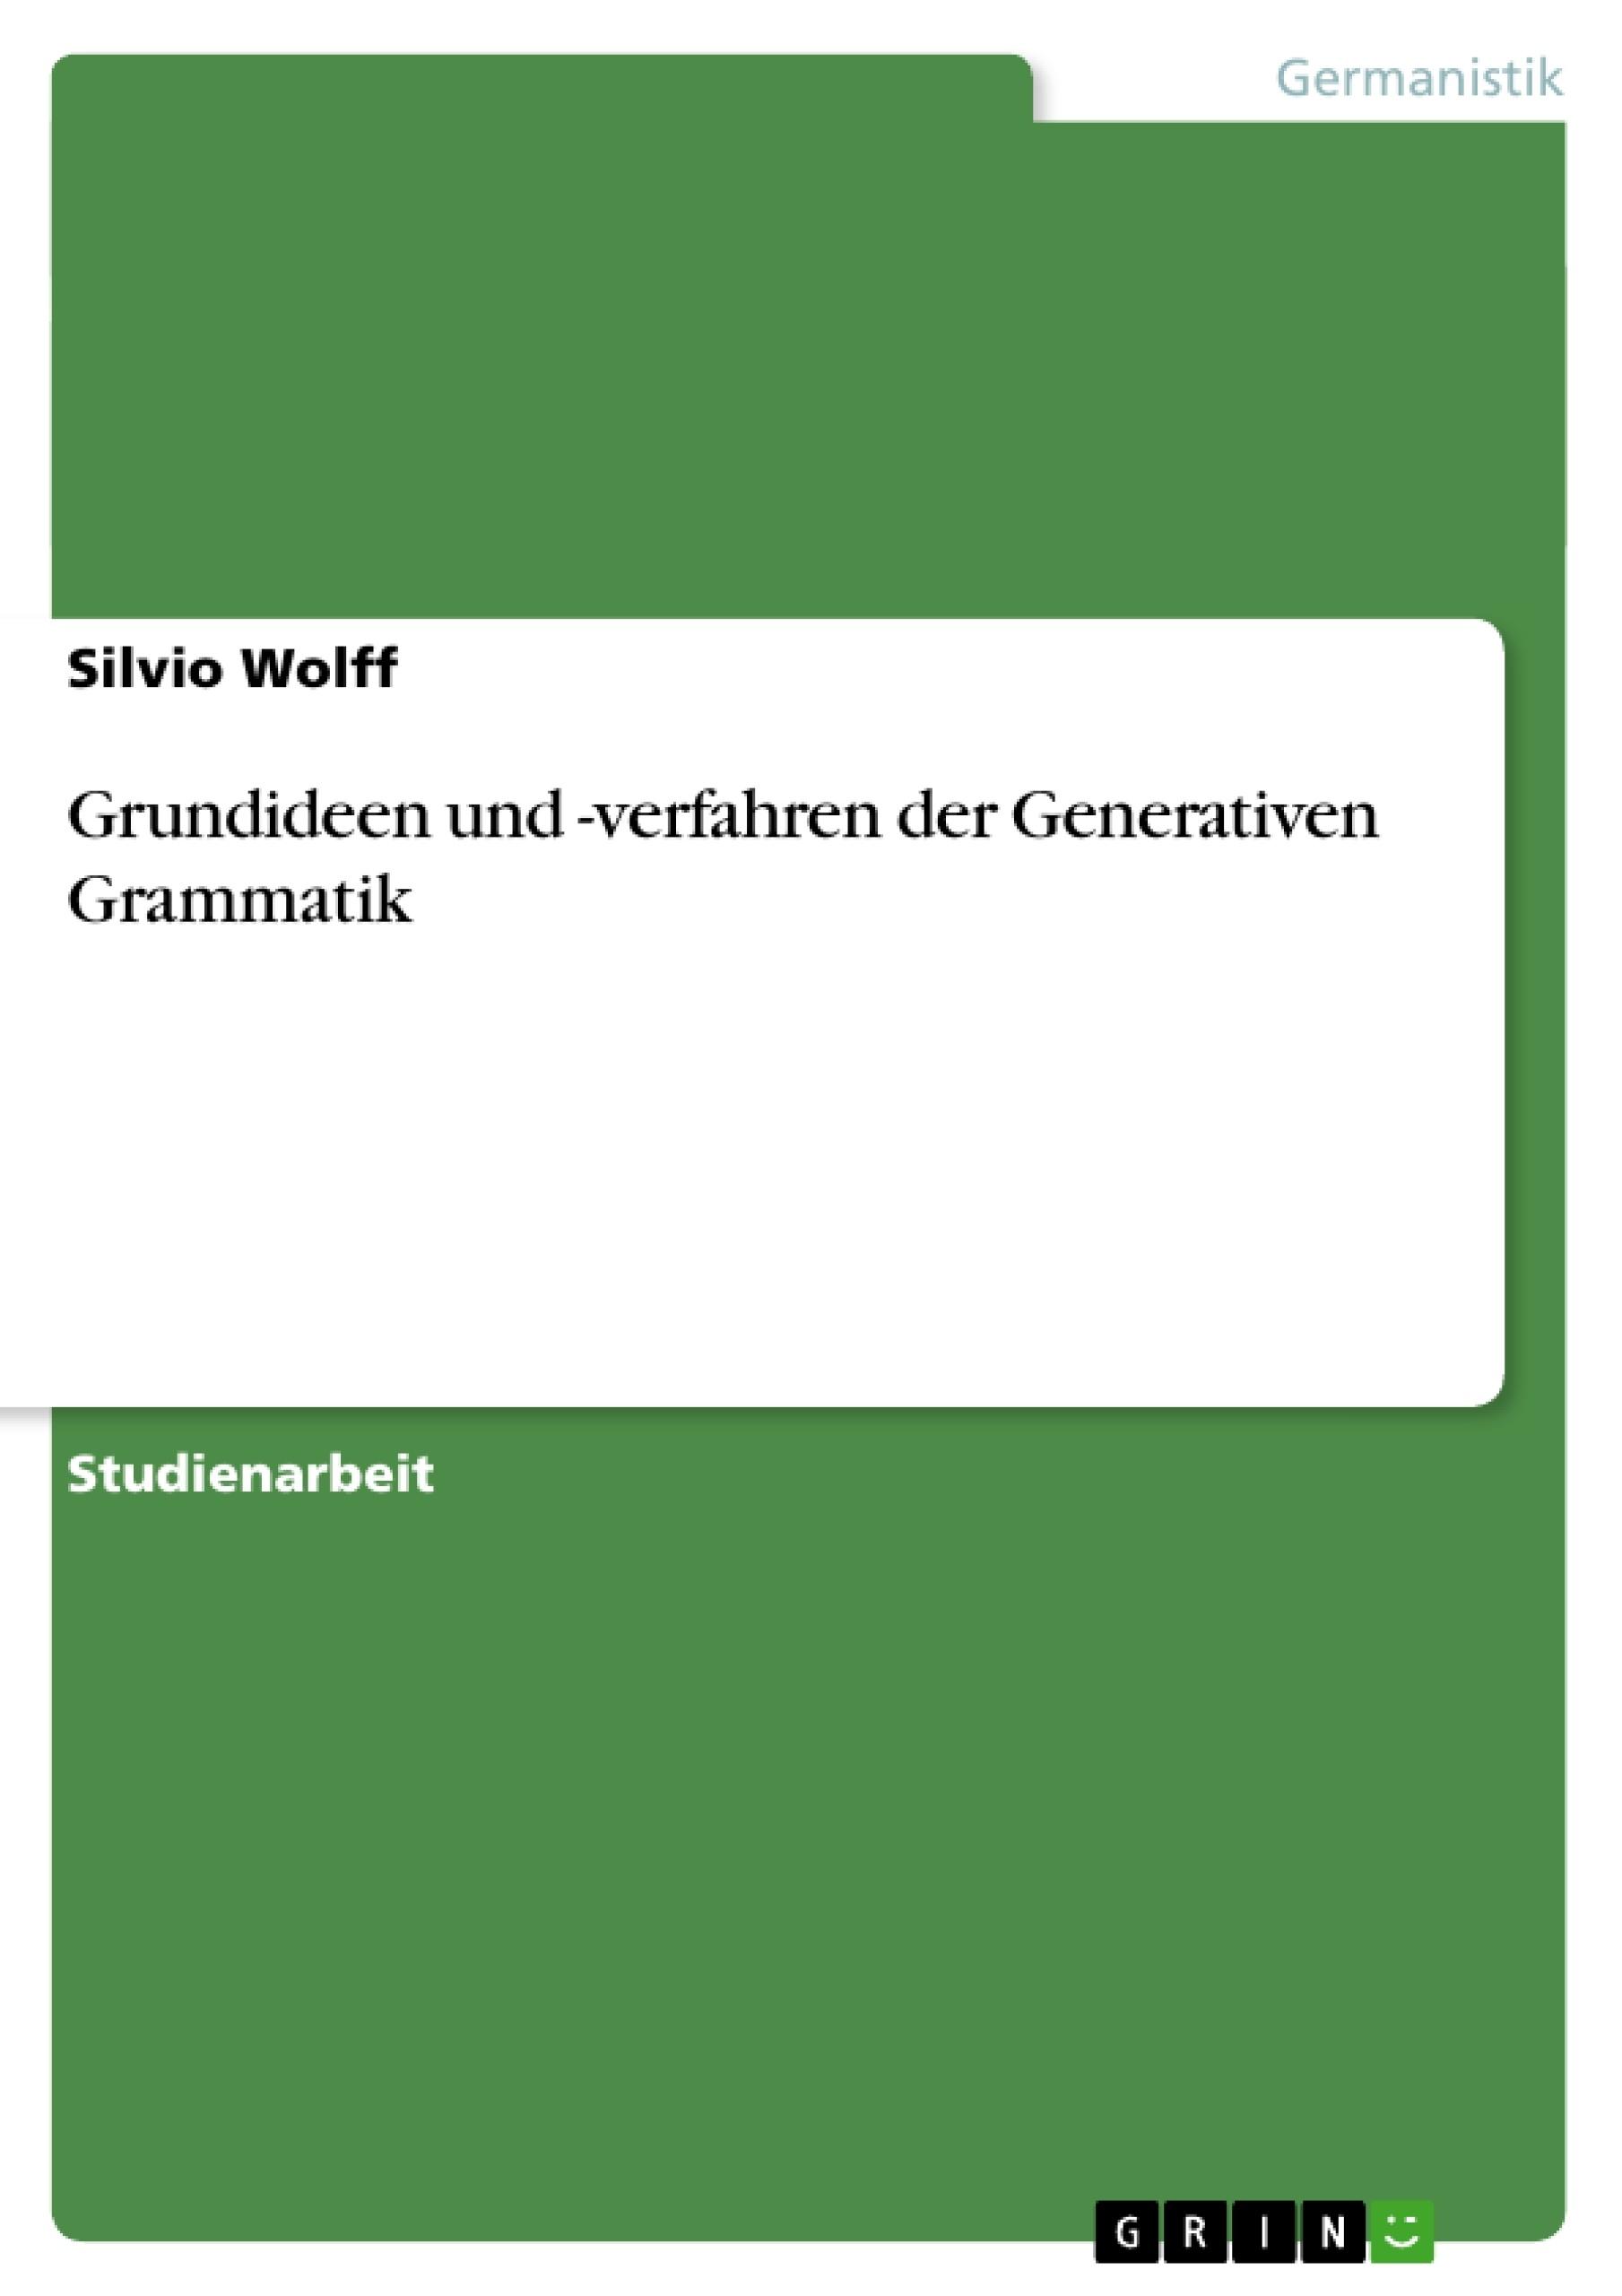 Titel: Grundideen und -verfahren der Generativen Grammatik